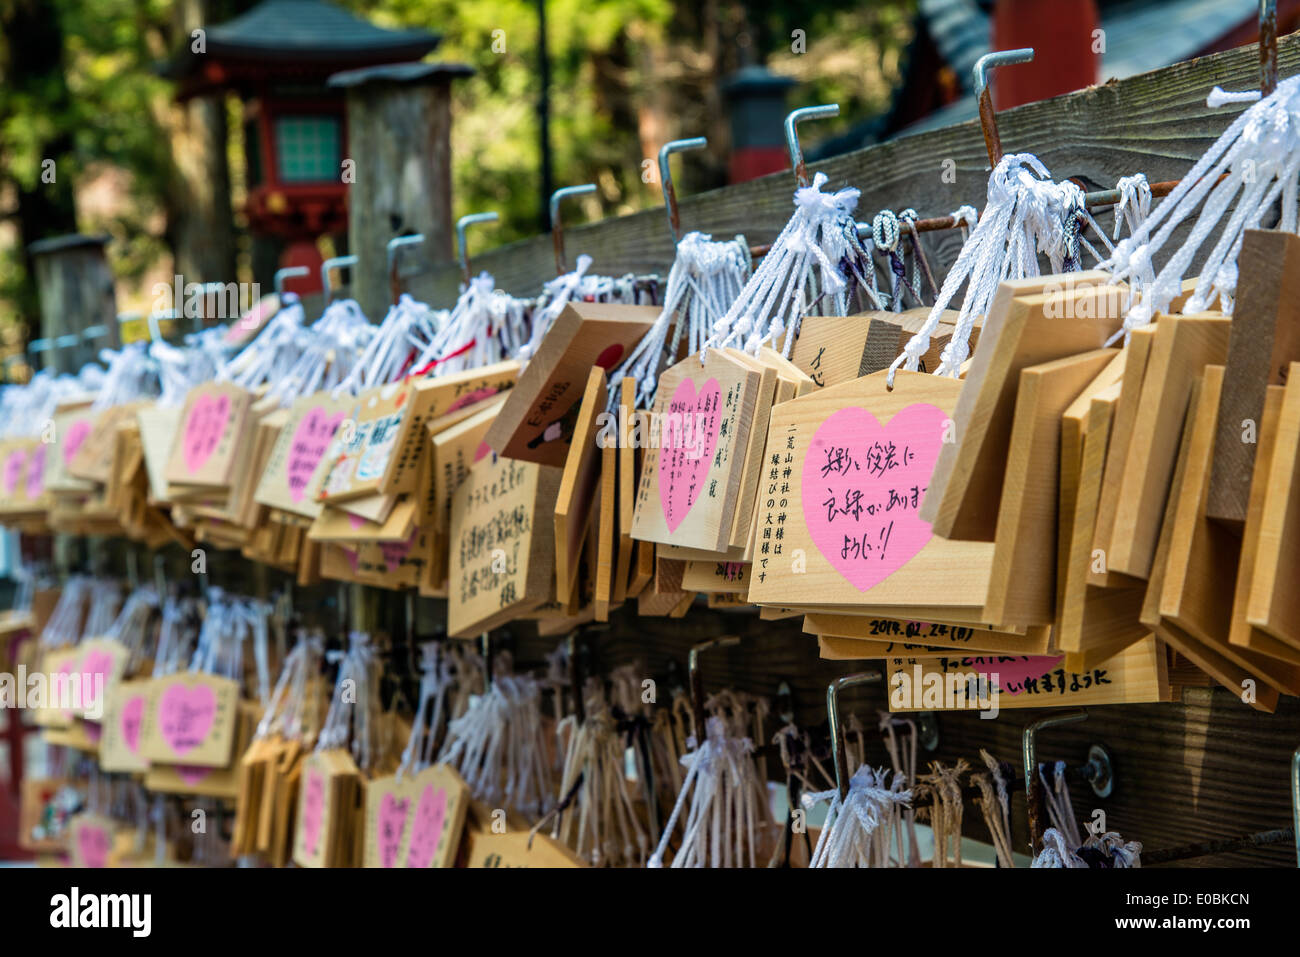 EMA Gebet Sor wünscht hölzernen Tafeln hängen von einem Rack Taiyuin-Byo Tempel, Nikko, Präfektur Tochigi, Japan Stockbild